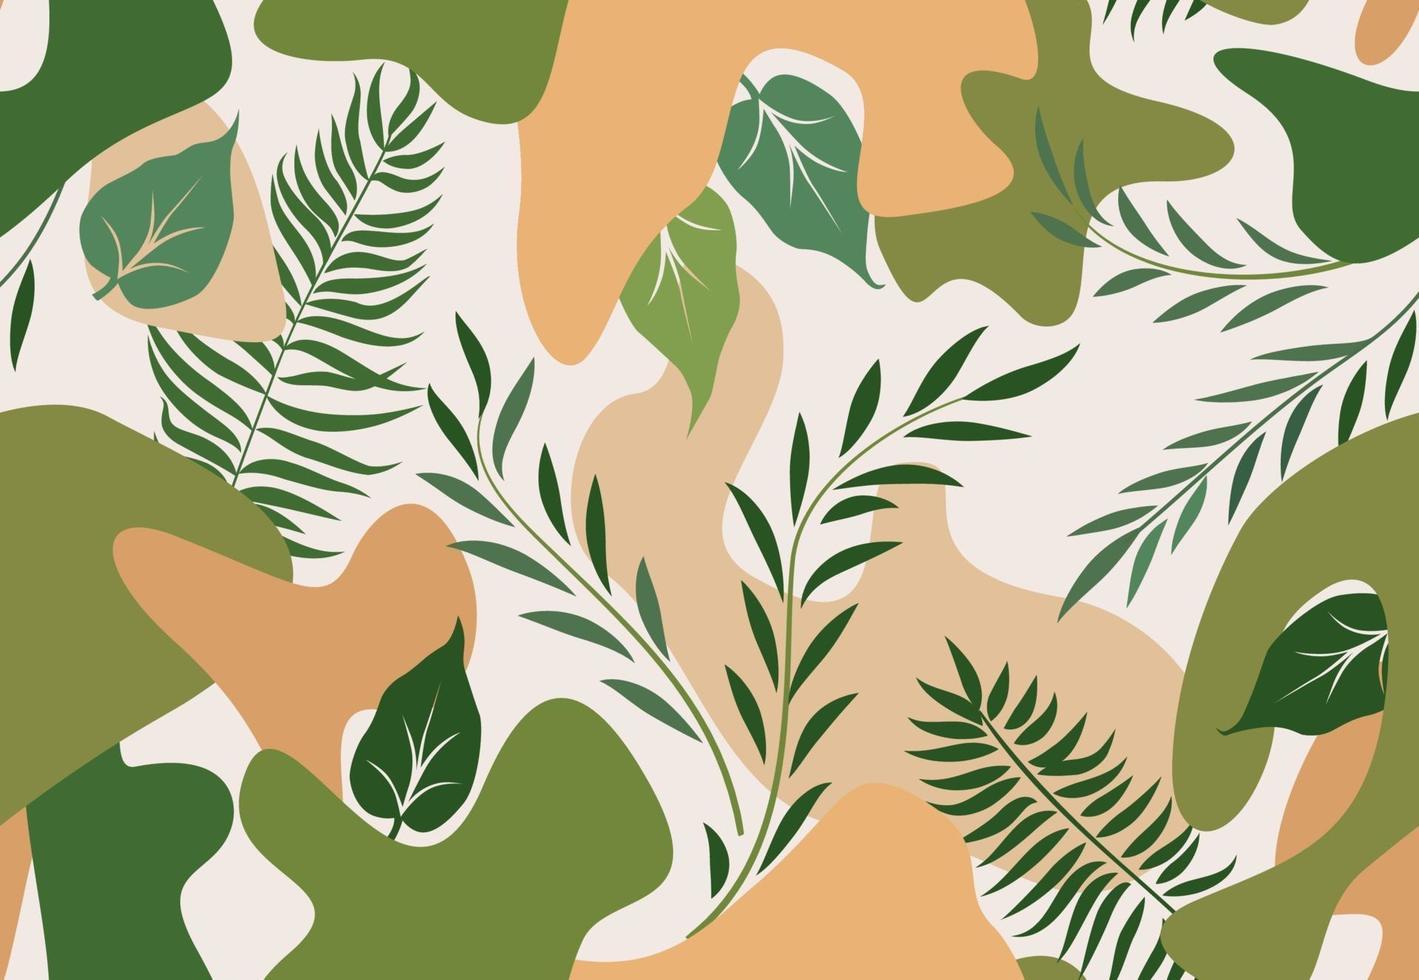 motif floral avec des feuilles. fond sans couture nature printemps abstrait. vecteur